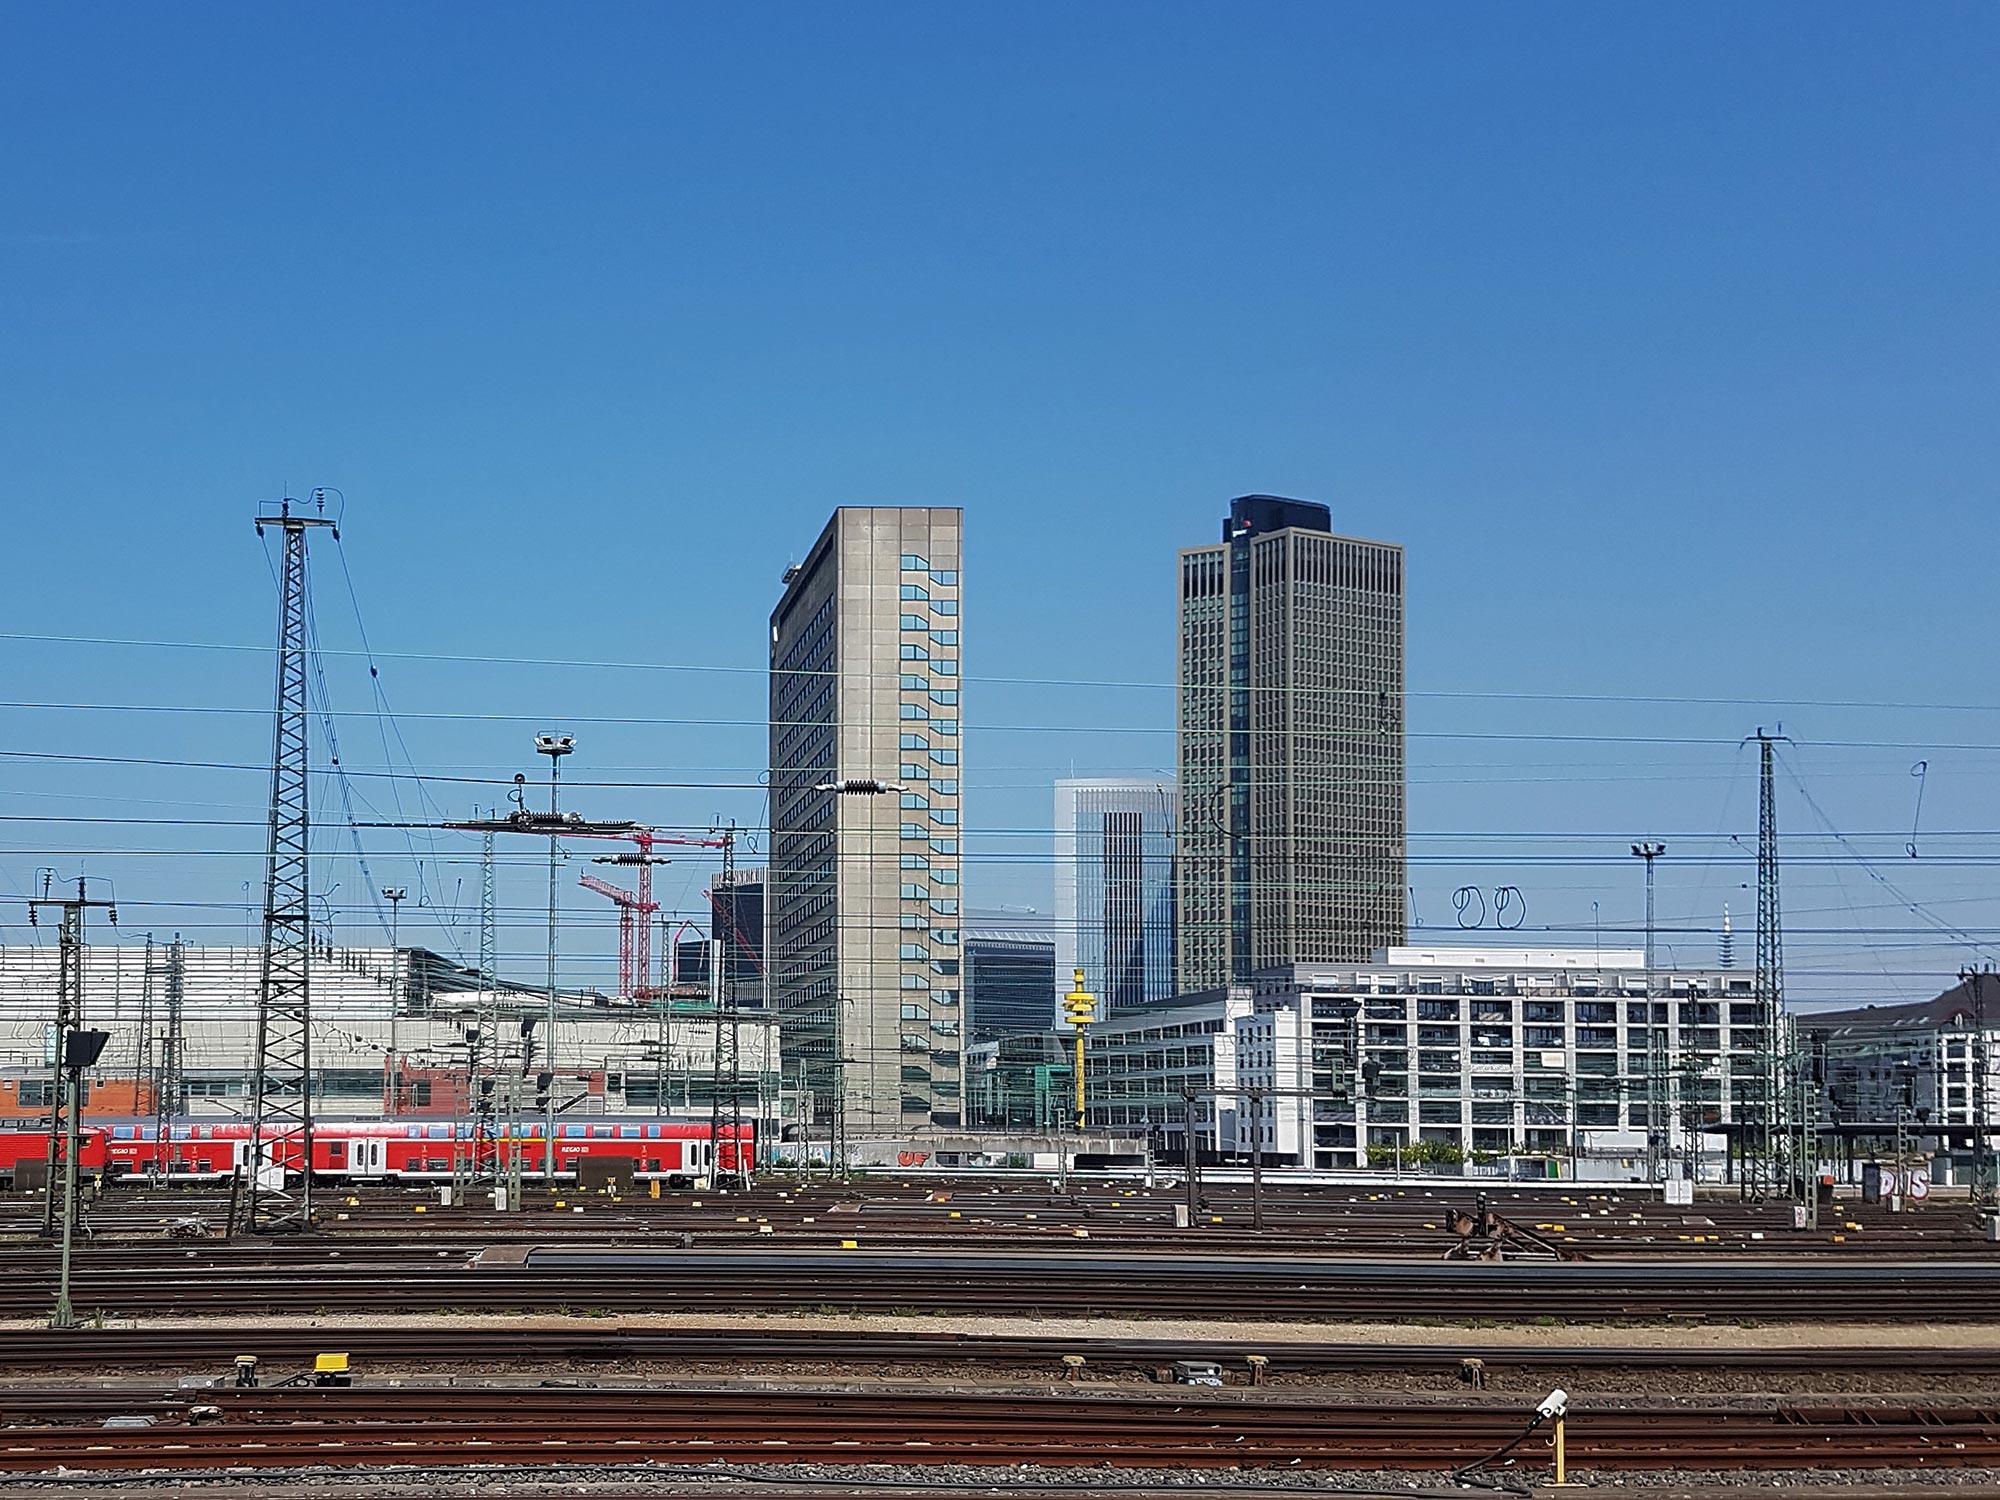 Posthochhaus Frankfurt - Commerzbank Hochhaus am Hauptbahnhof - Hafenstrasse 51 FFM